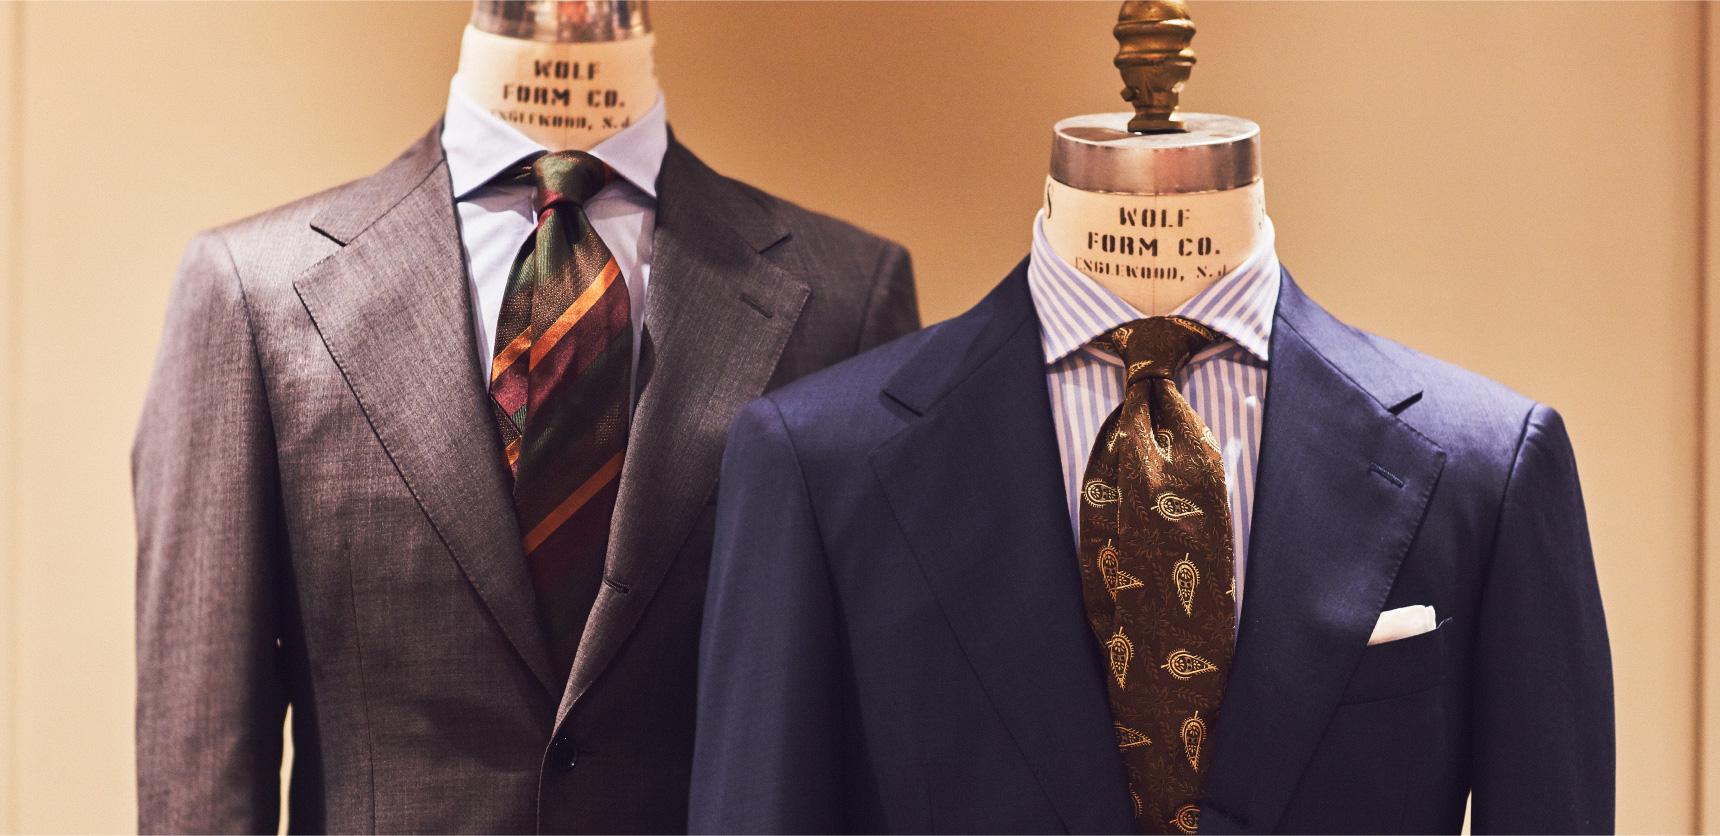 紳士服をご紹介するTHE G'S HIDEOUT.(ザ・ジーズ・ハイドアウト)でビジネスシーンで着するスーツのオーダーをする事が出来ます。